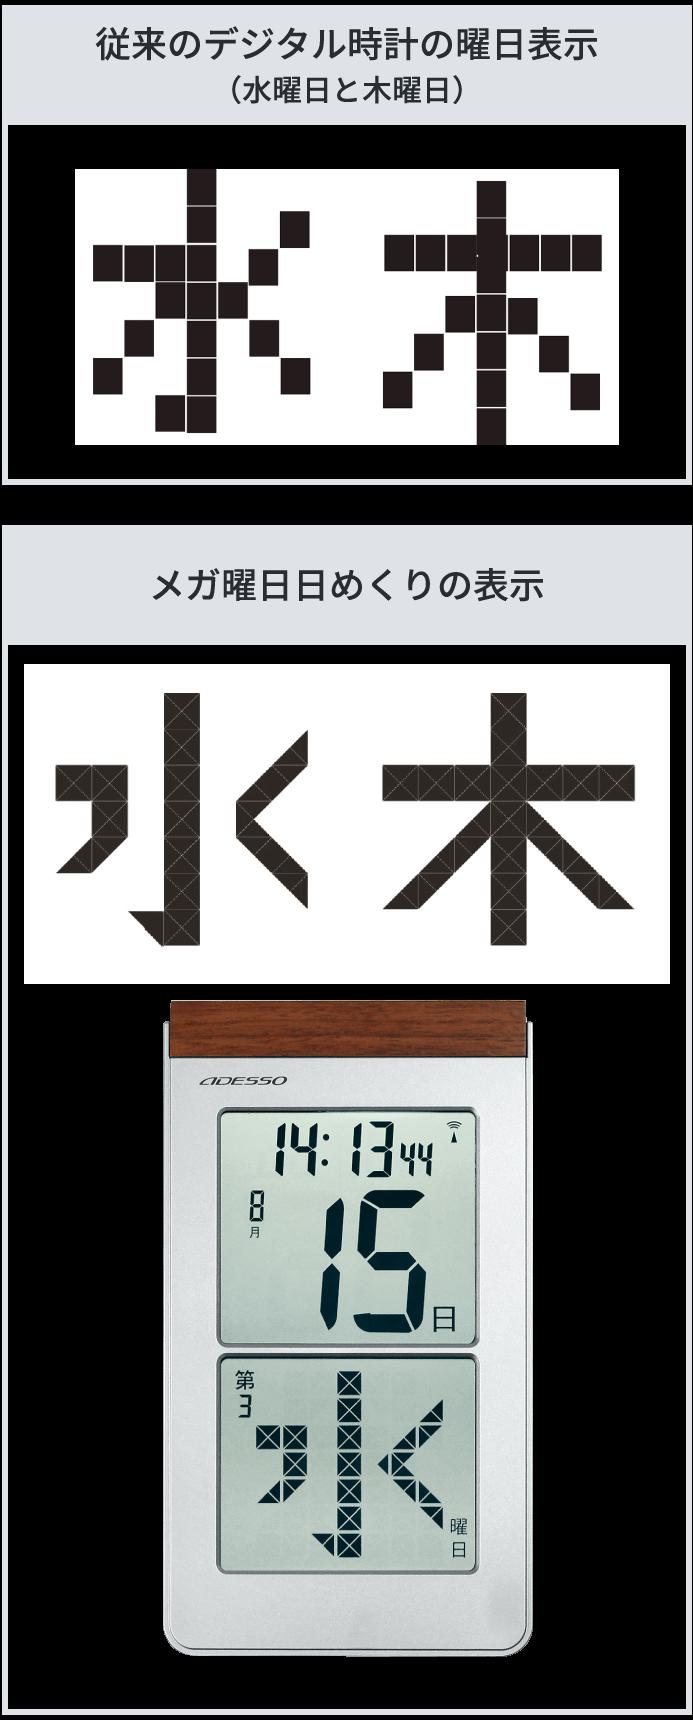 従来のデジタル時計の曜日表示とメガ曜日日めくりの表示の比較